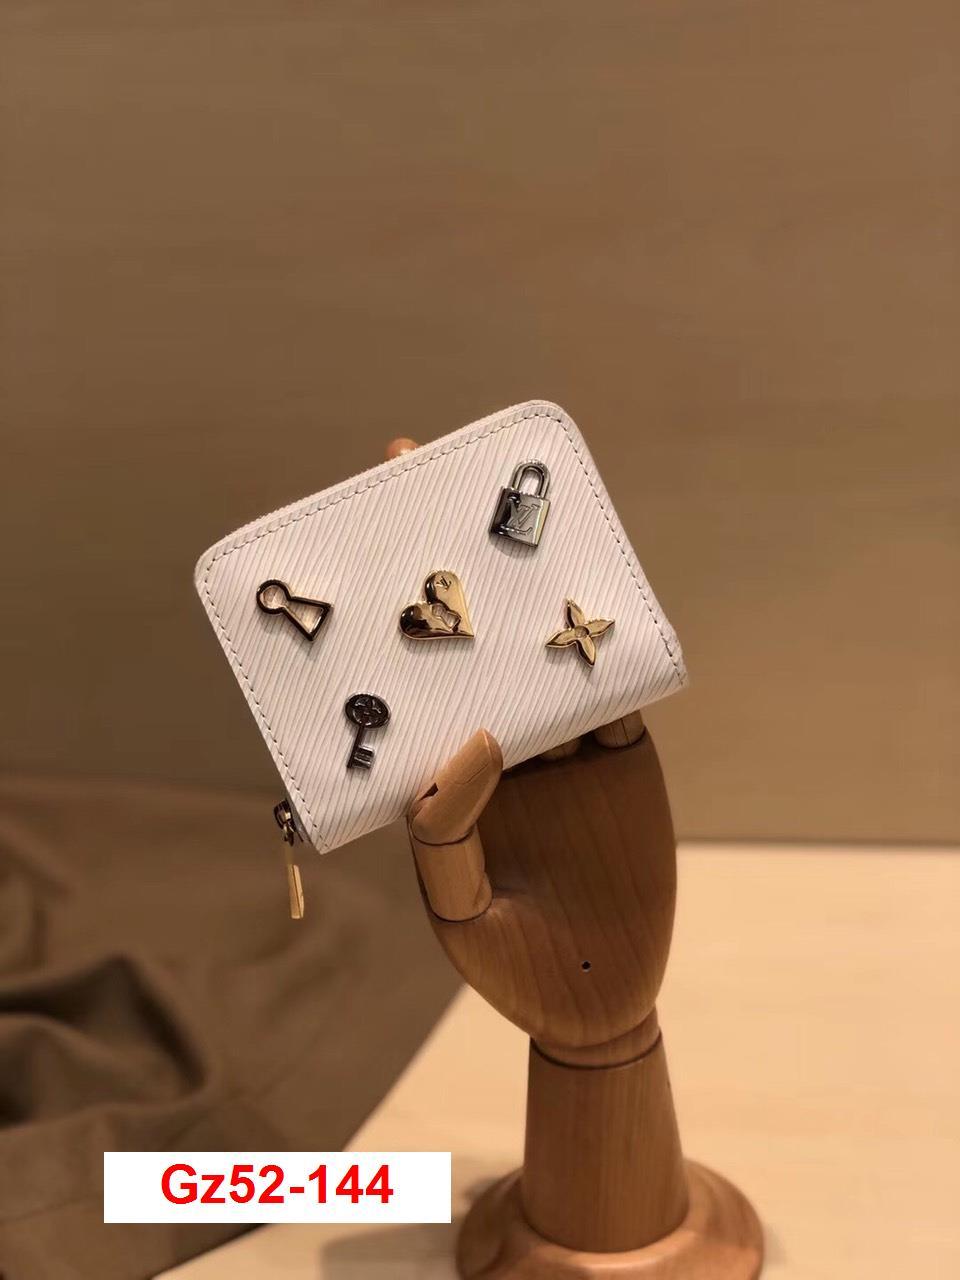 Gz52-144 Louis Vuitton túi ví size 11cm siêu cấp